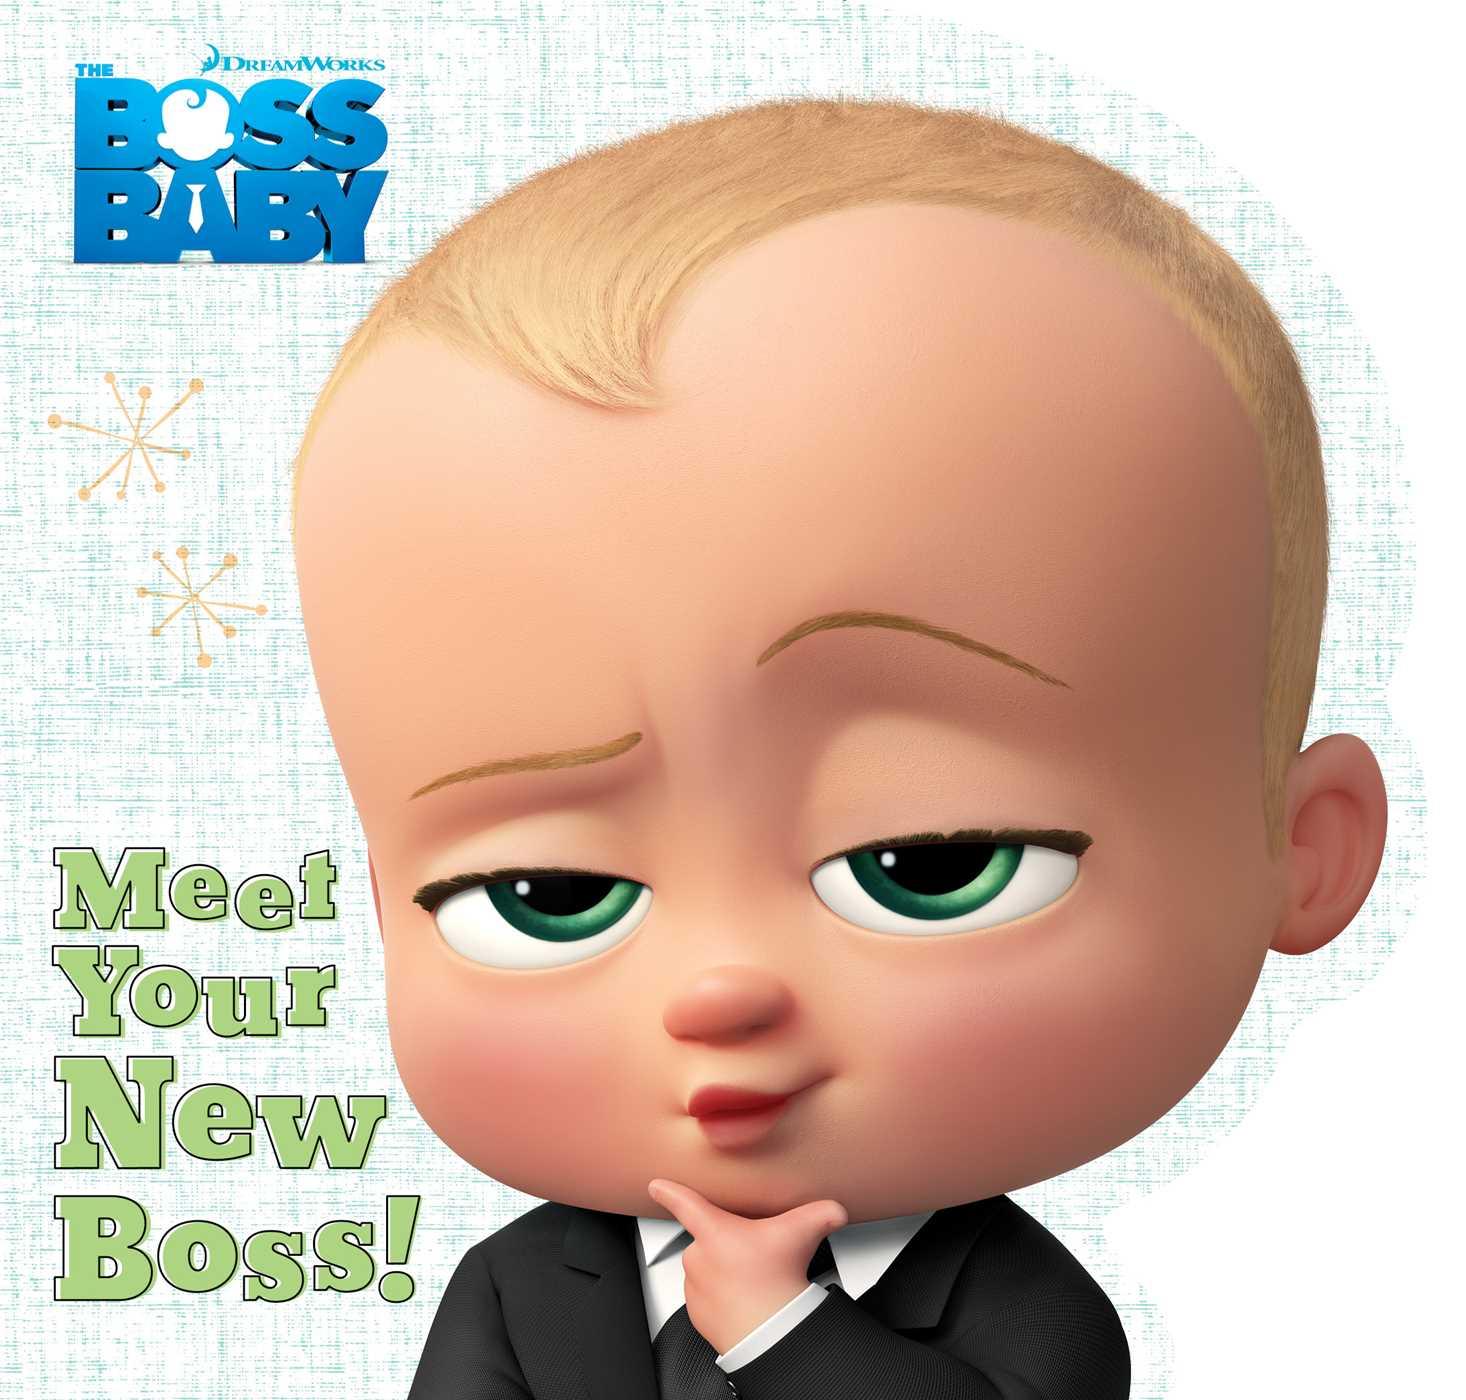 Meet your new boss 9781481457927 hr